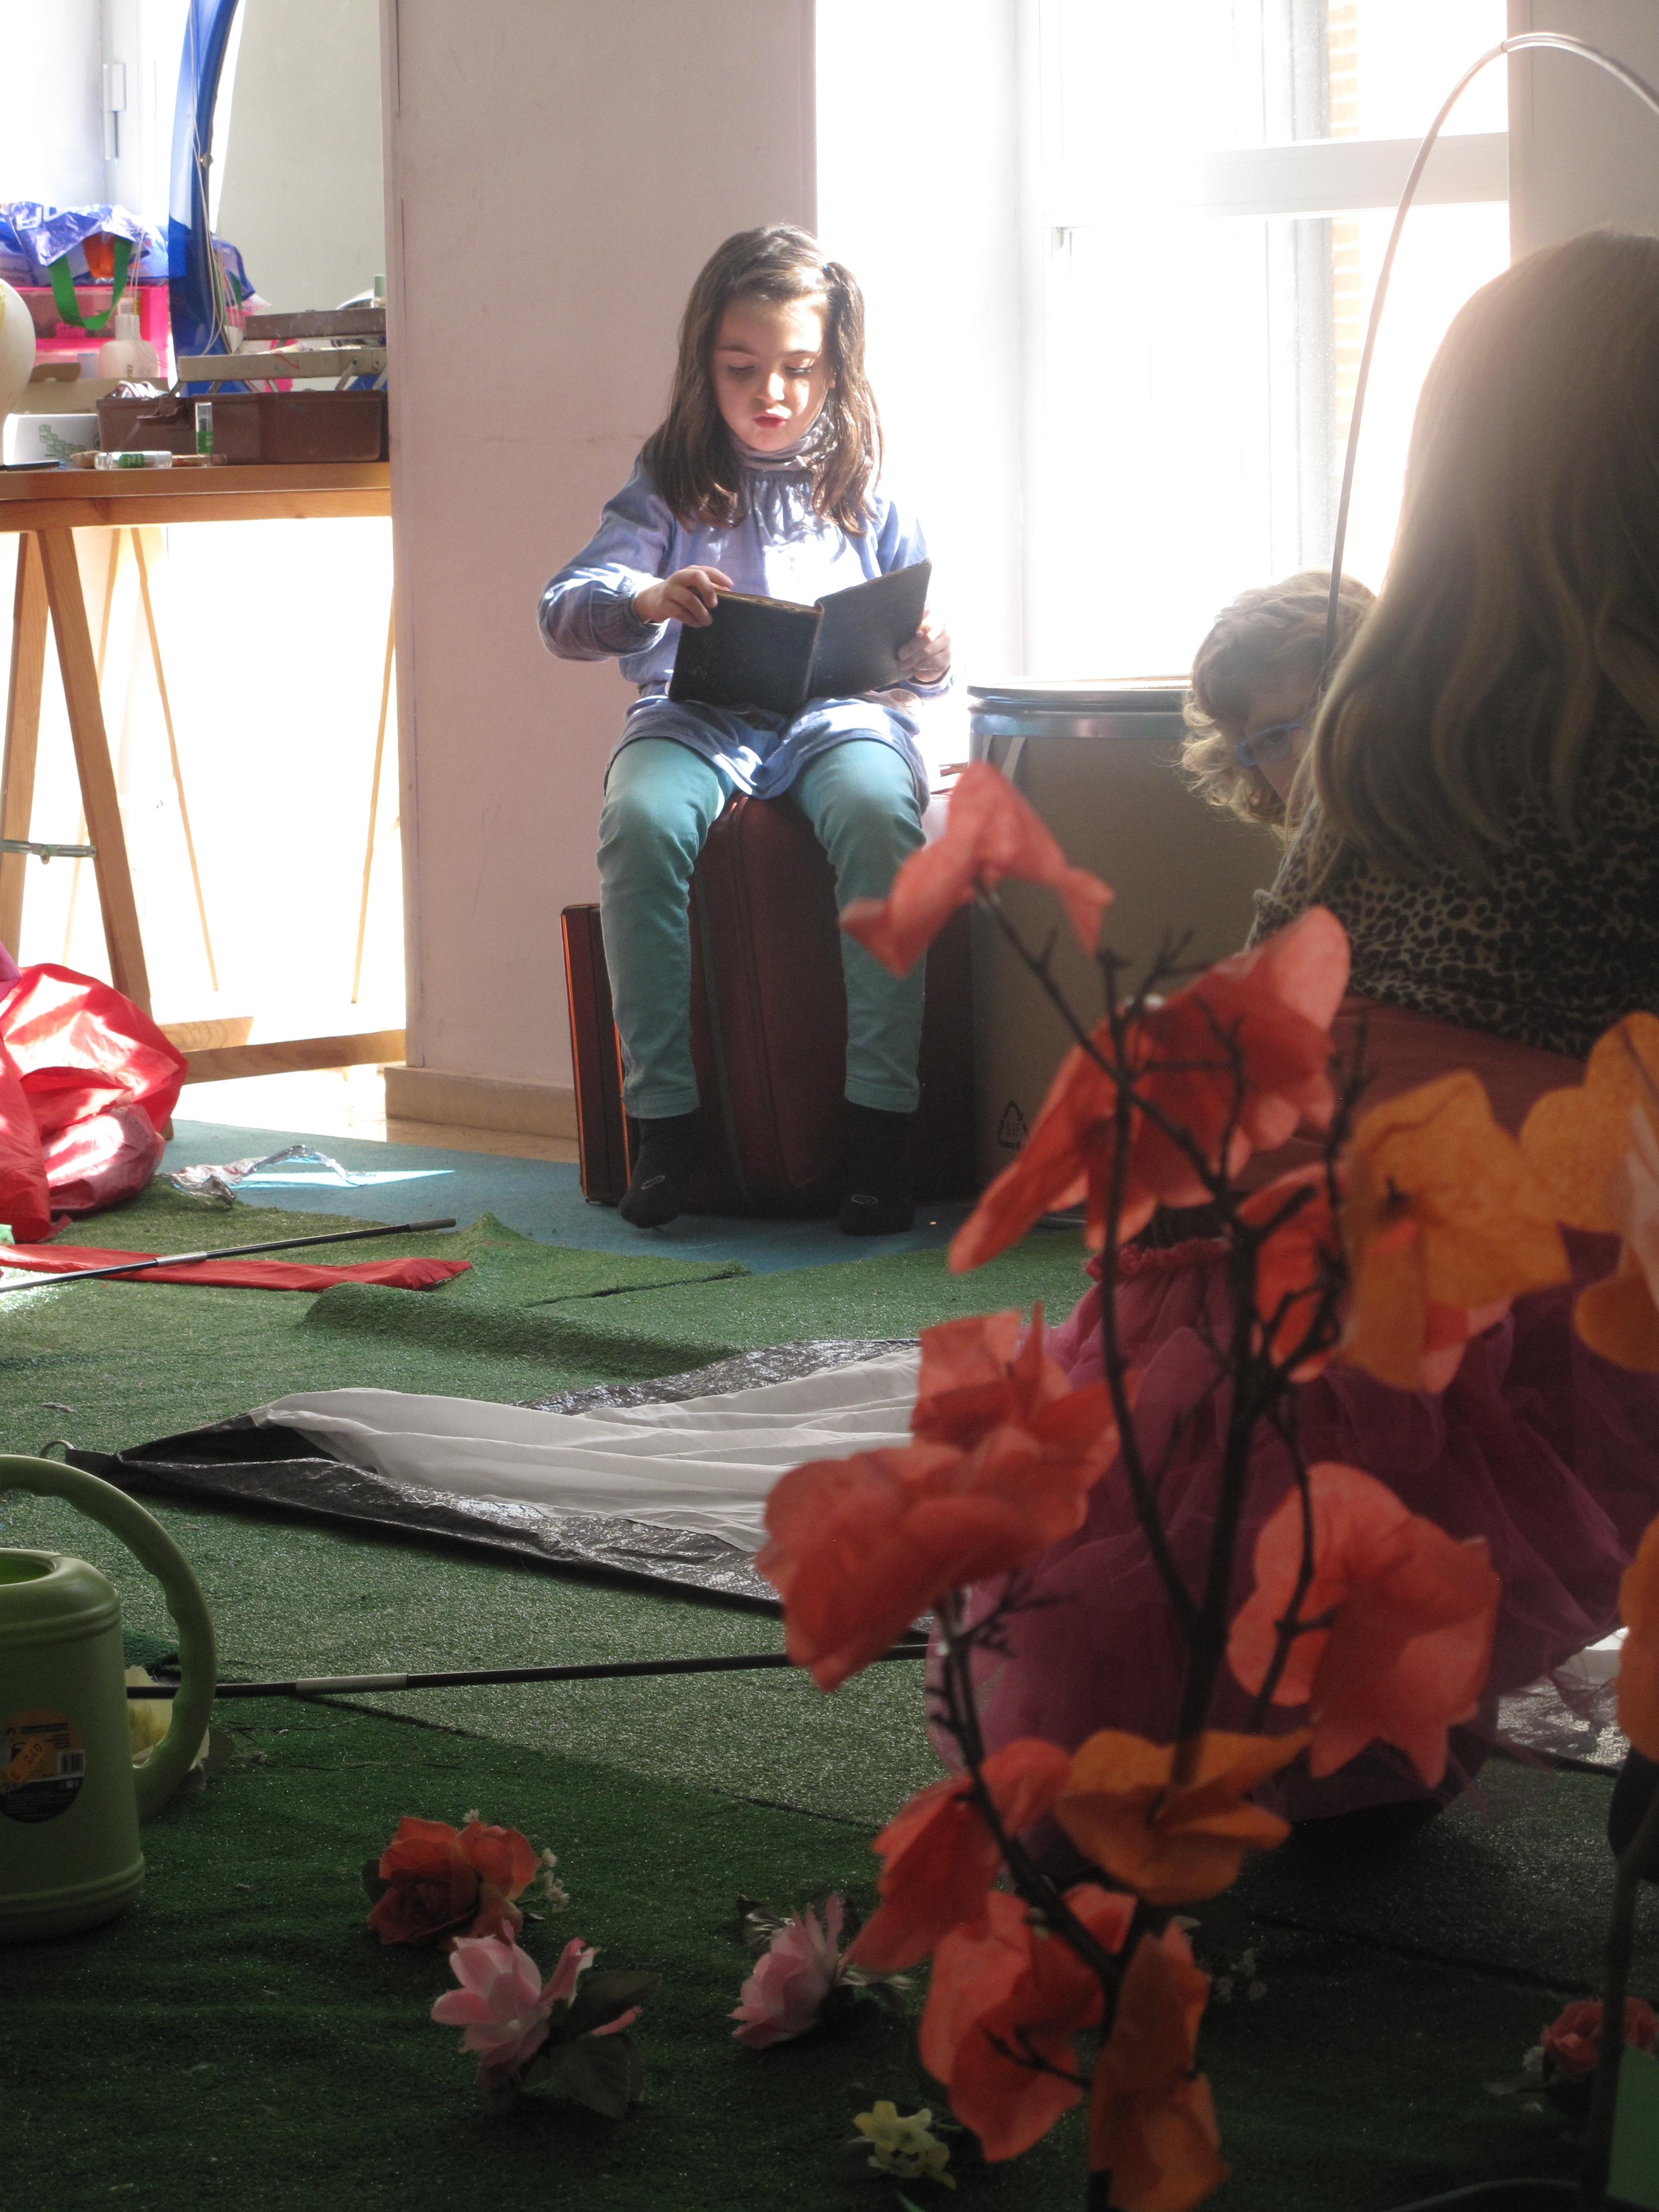 El Recreo, espacio de Juego y Expresión para niñas y niños de 4 a 7 años